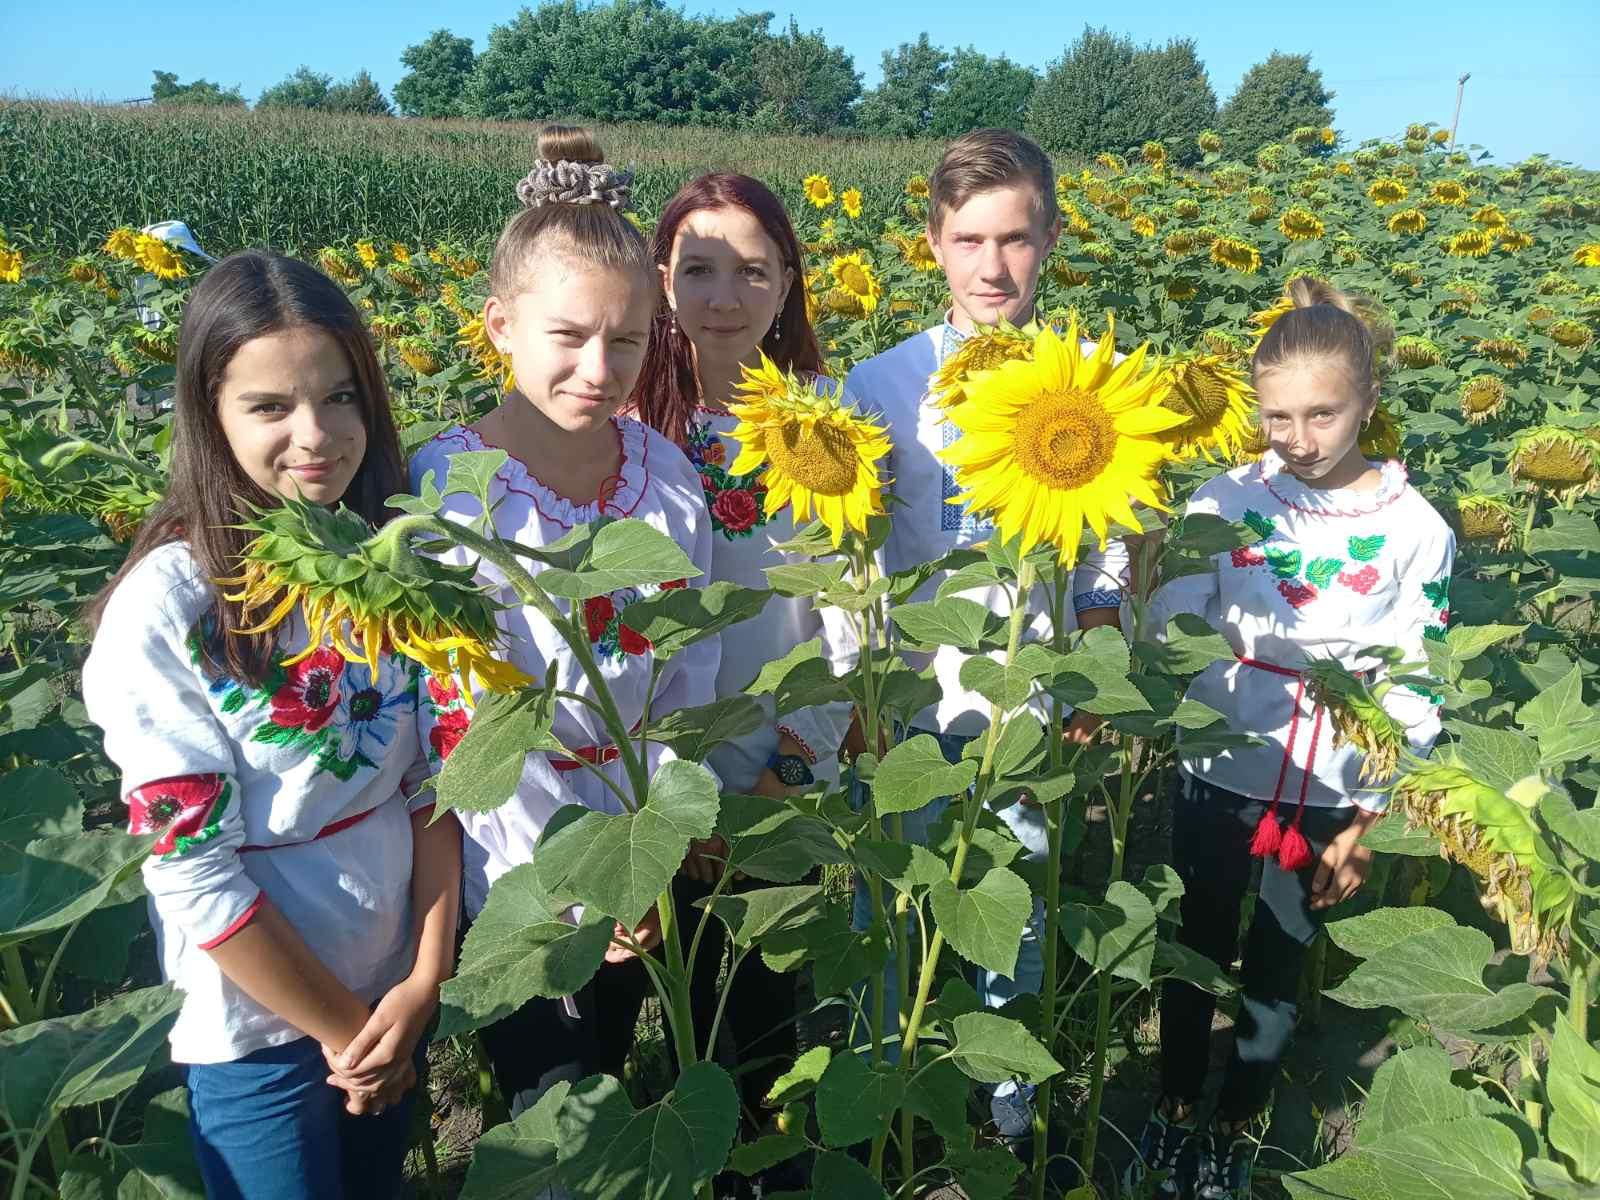 zobrazhennya_viber_2020-08-20_08-06-49